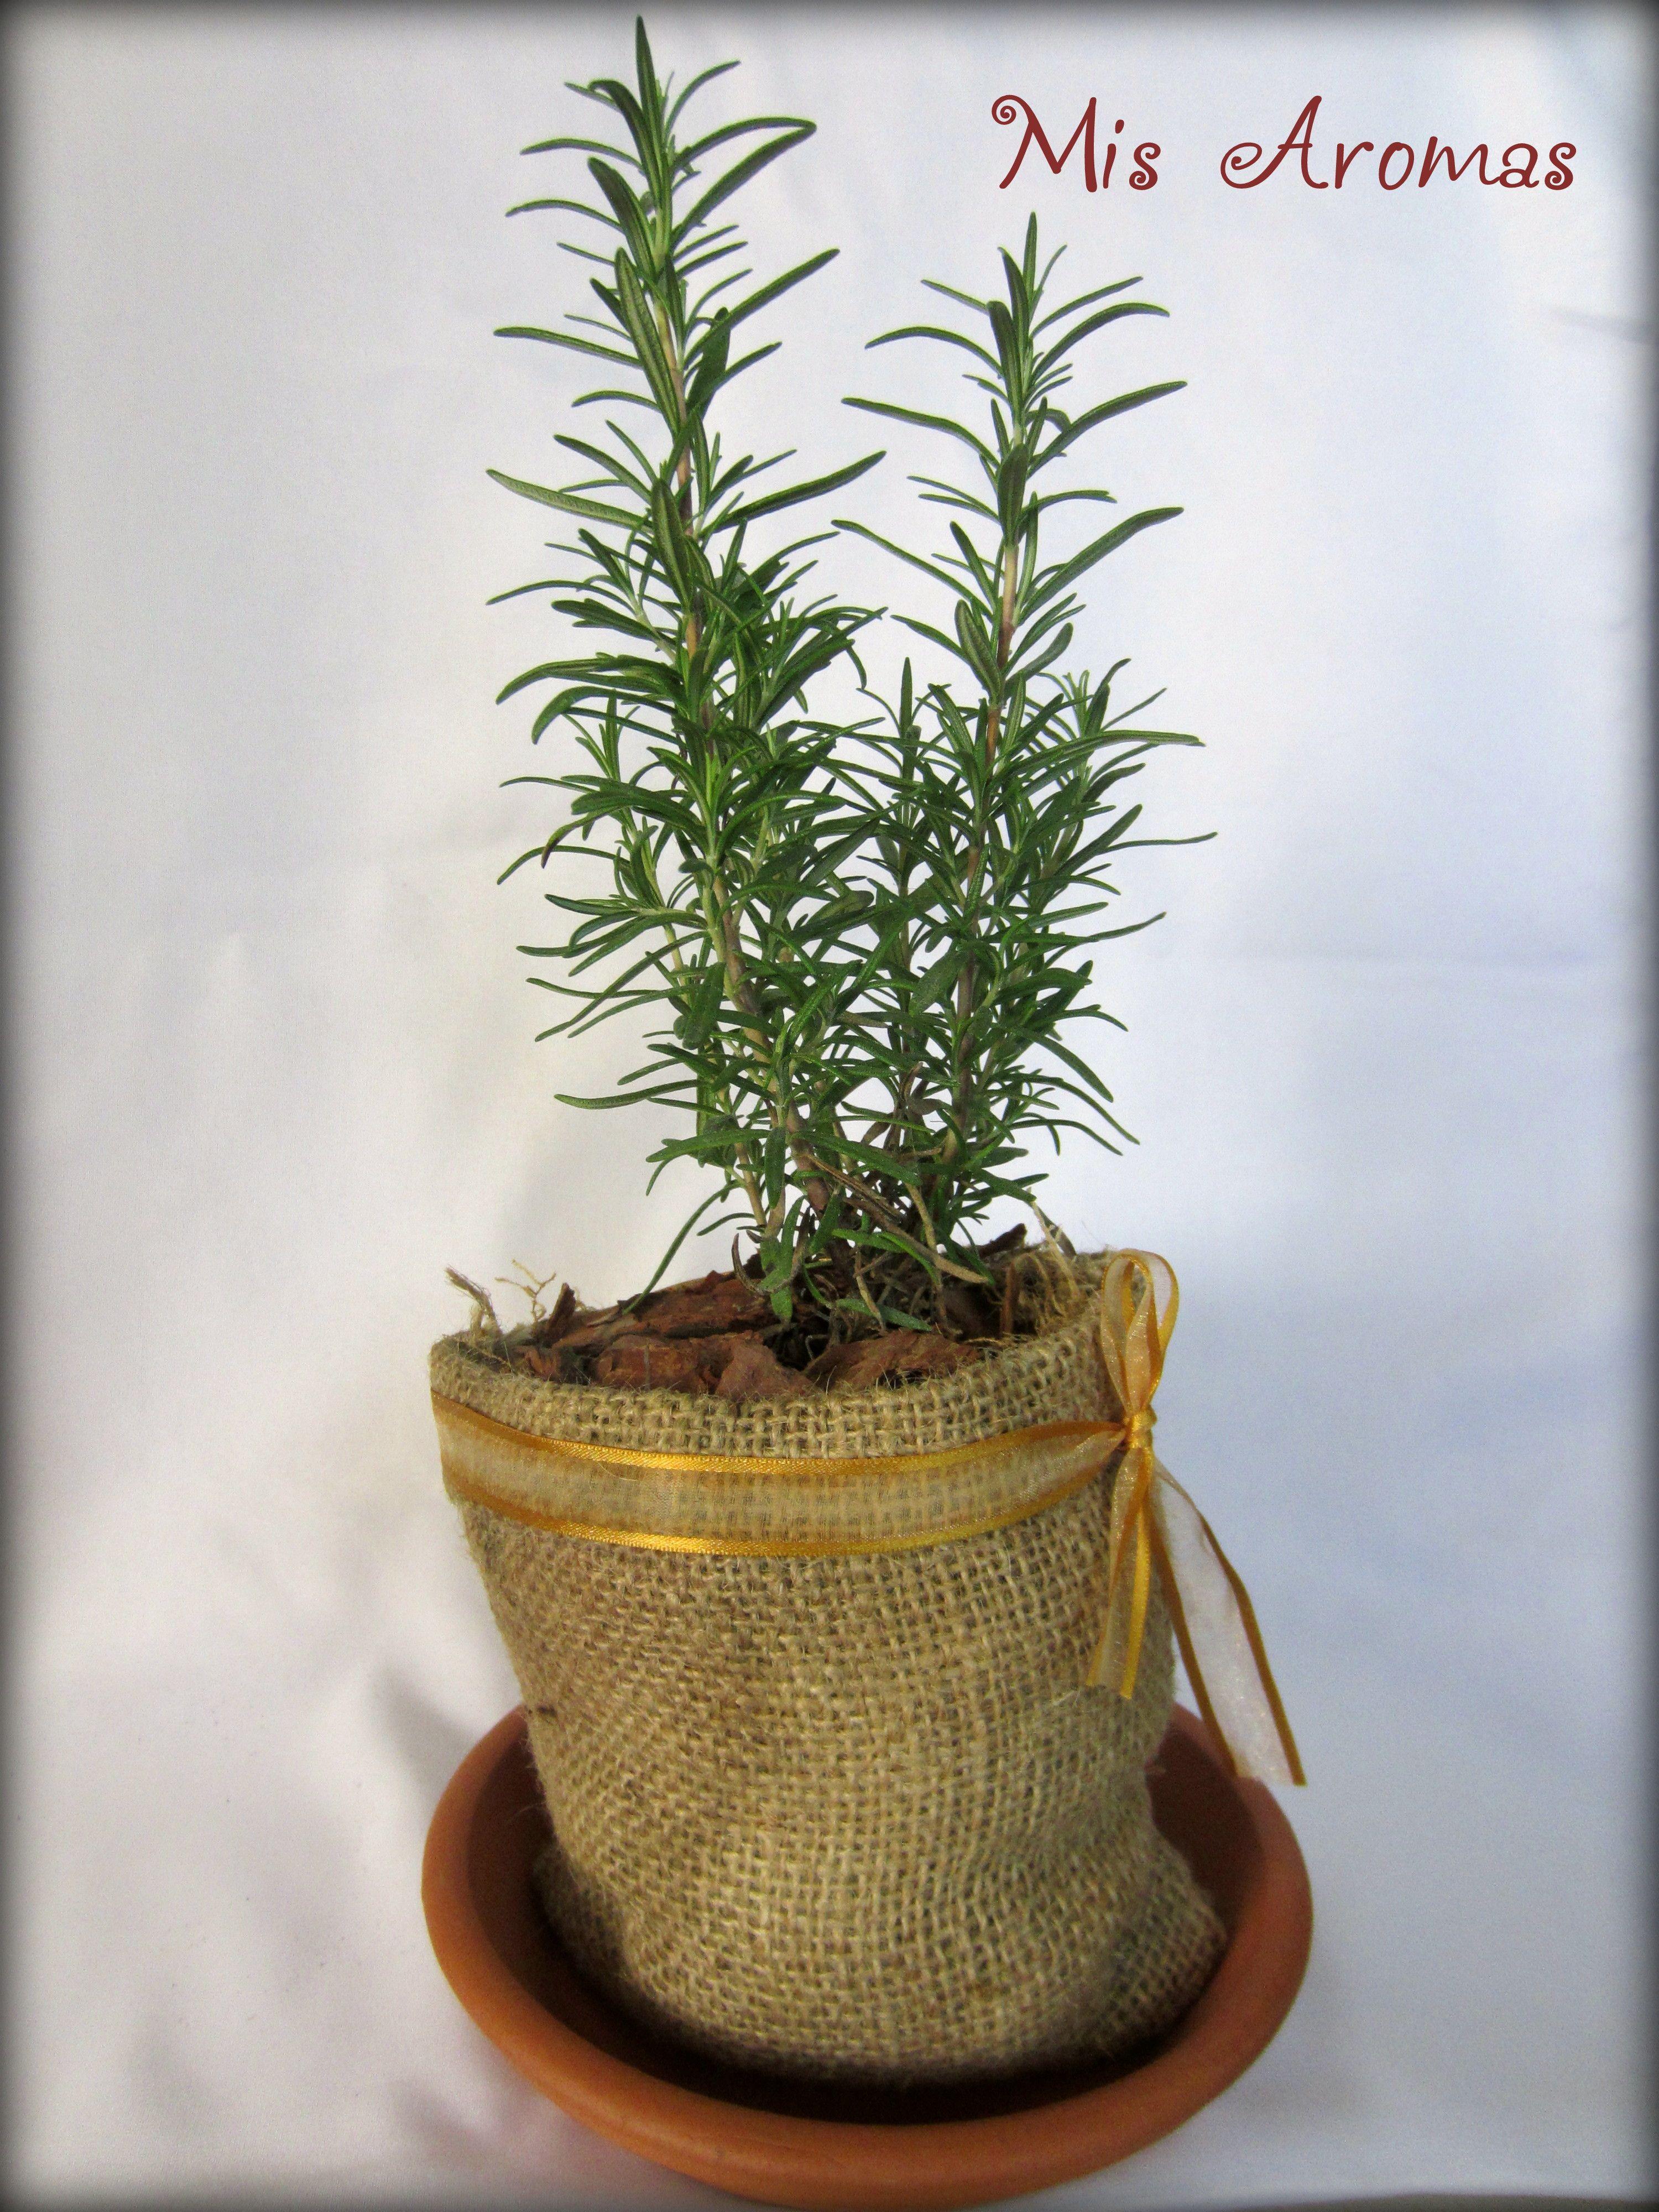 Centros de mesa para casamientos con plantas arom ticas en - Como decorar macetas de barro ...